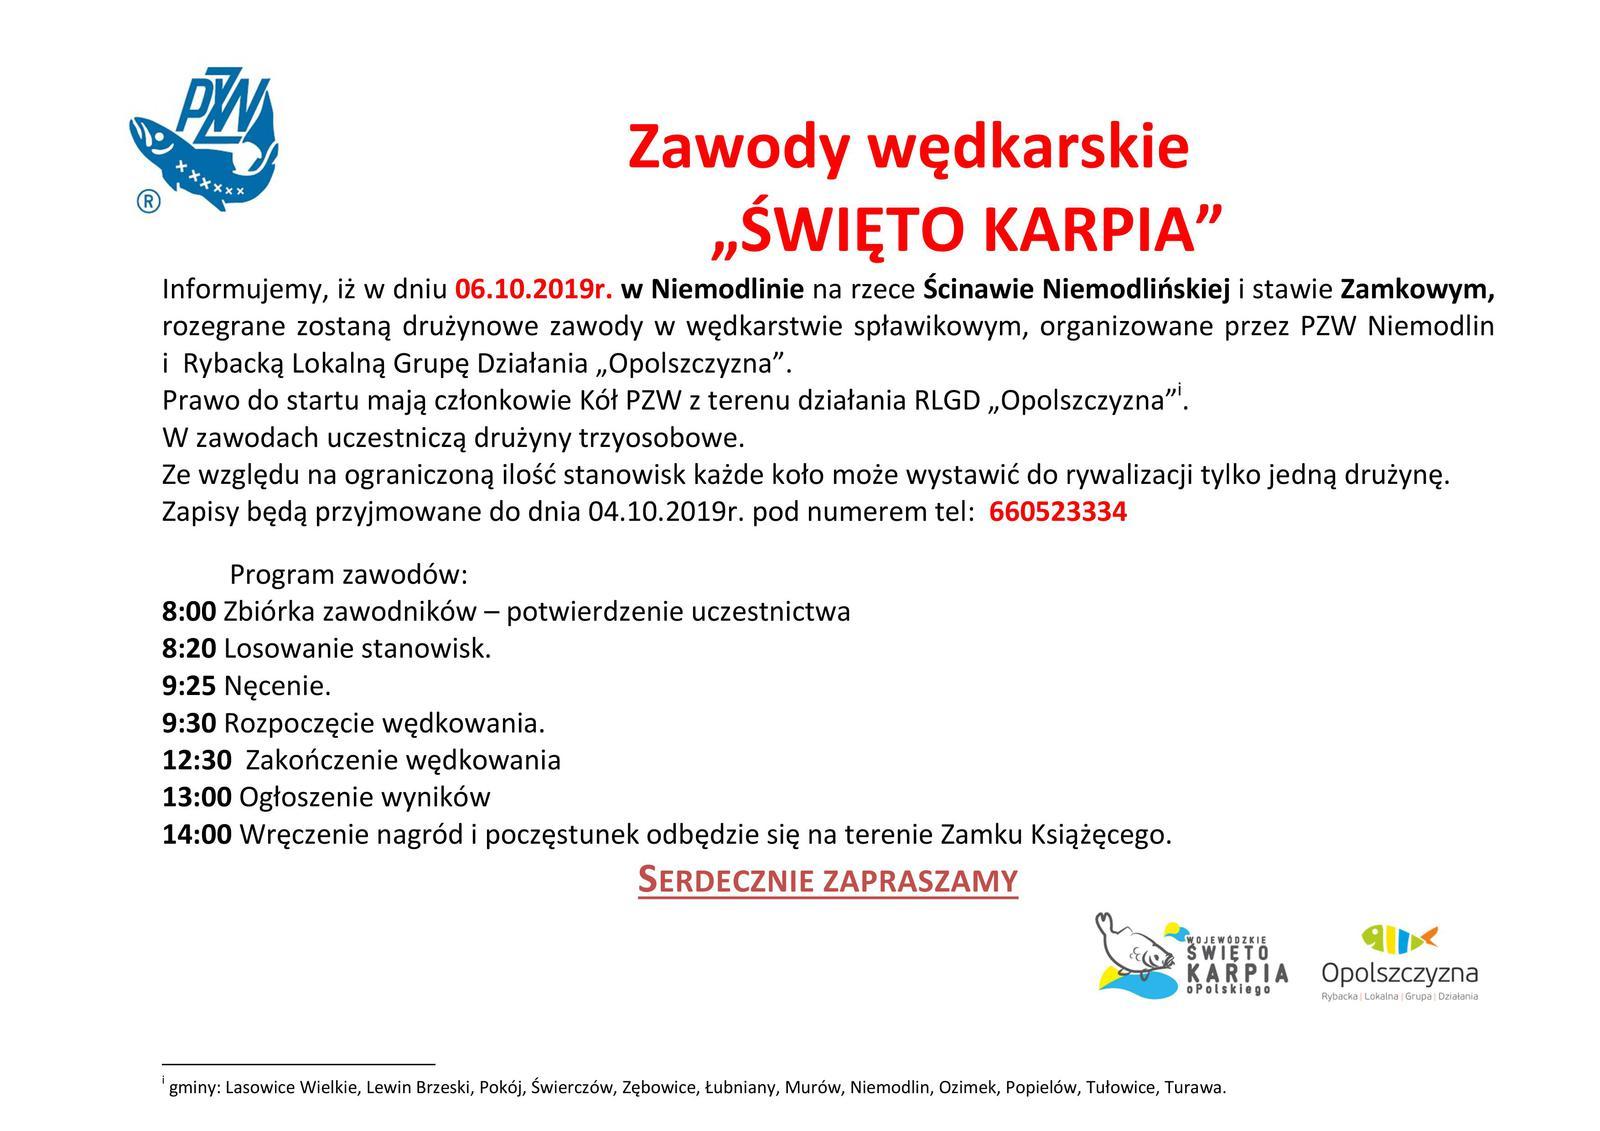 Zawody_wedkarskie_Święto karpia.jpeg